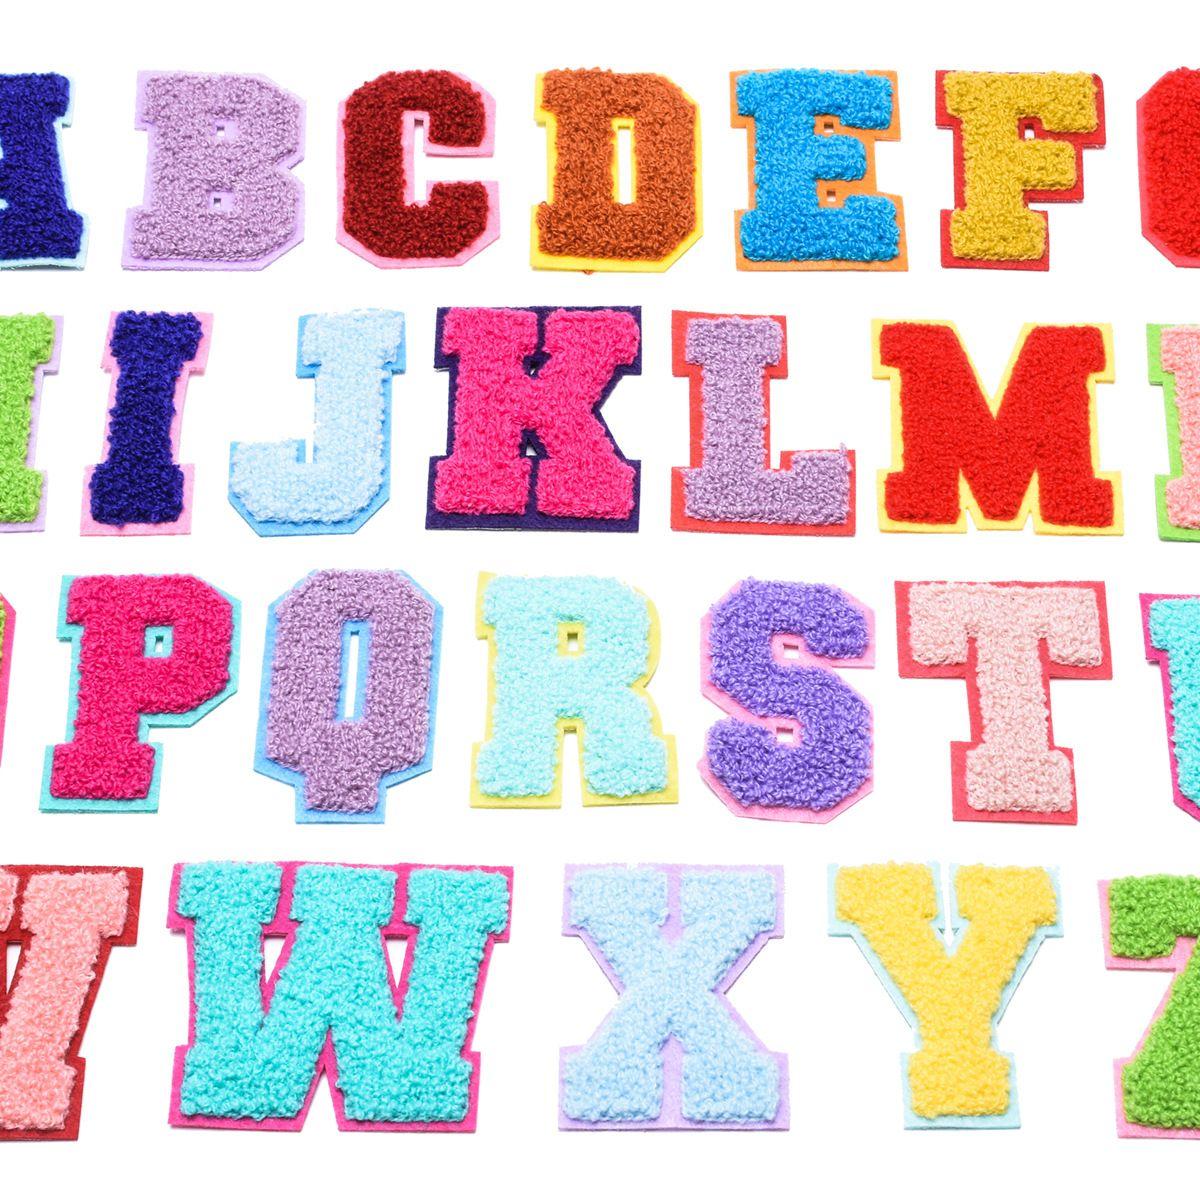 Asciugamano ricamo cartone animato colorato lettere ciniglia patch tessuto personalizzato cucire su arcobaleno colori lettera adesivo patchwork ti amo rrd7269